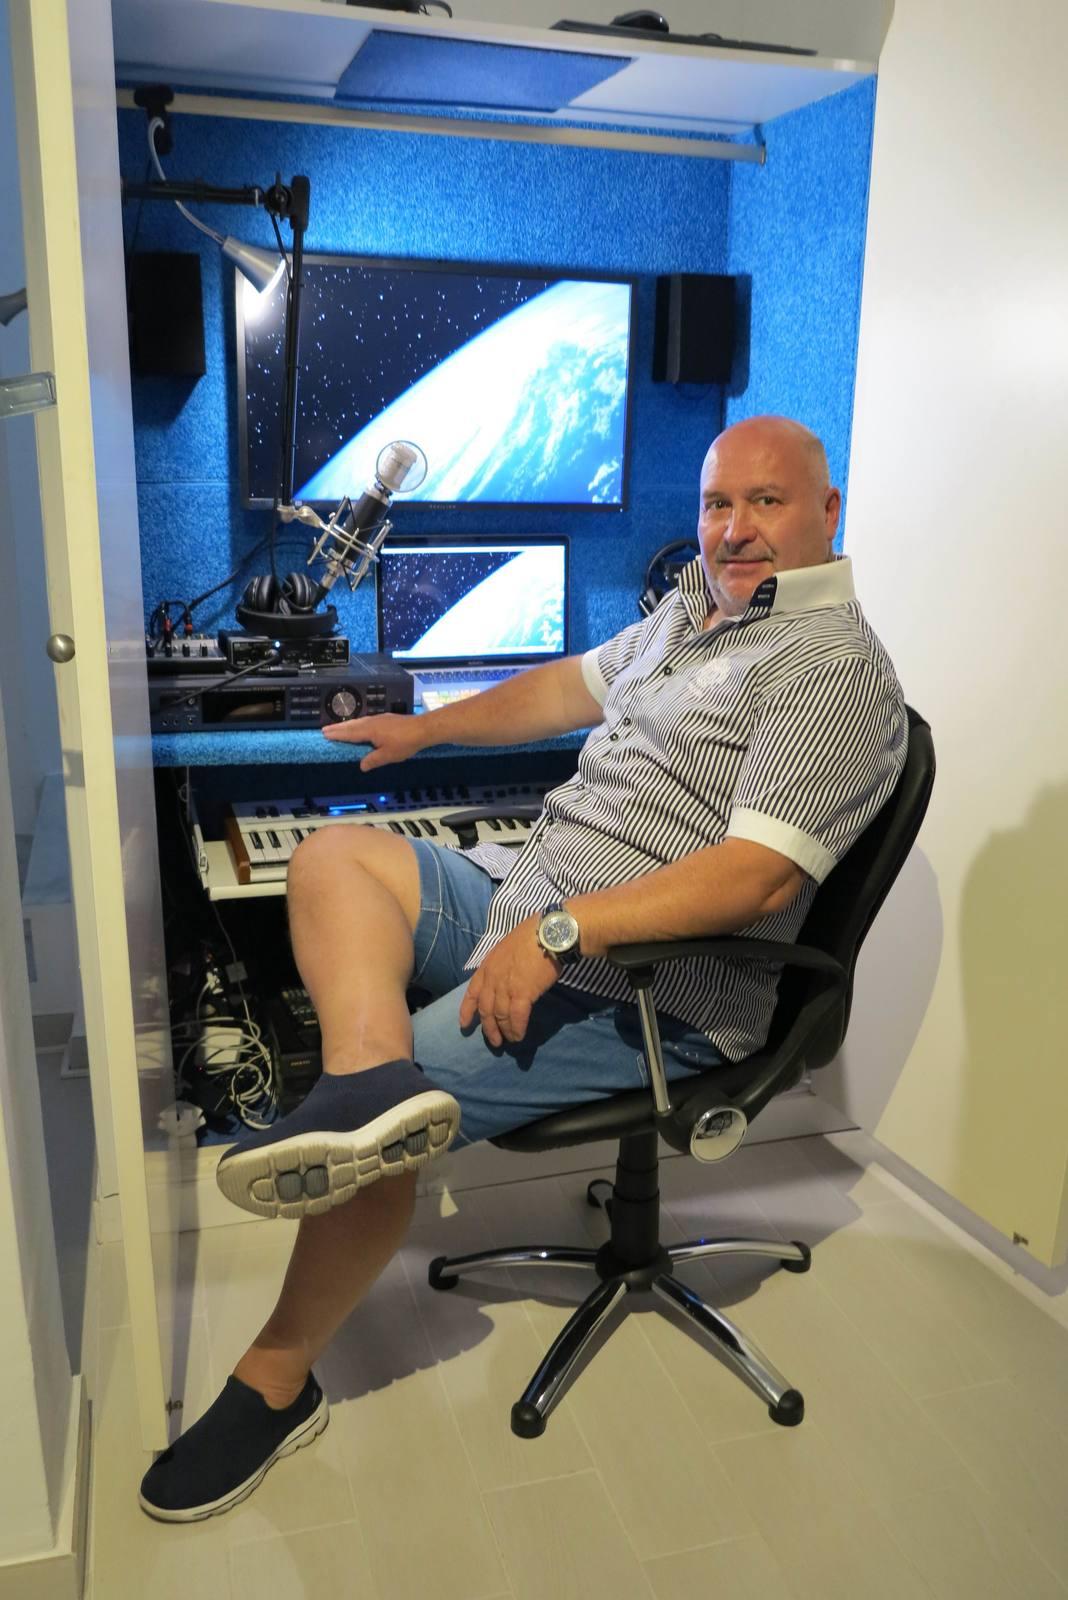 Nahrávací studio si Michal vybudoval ve skříni ve sklepě.